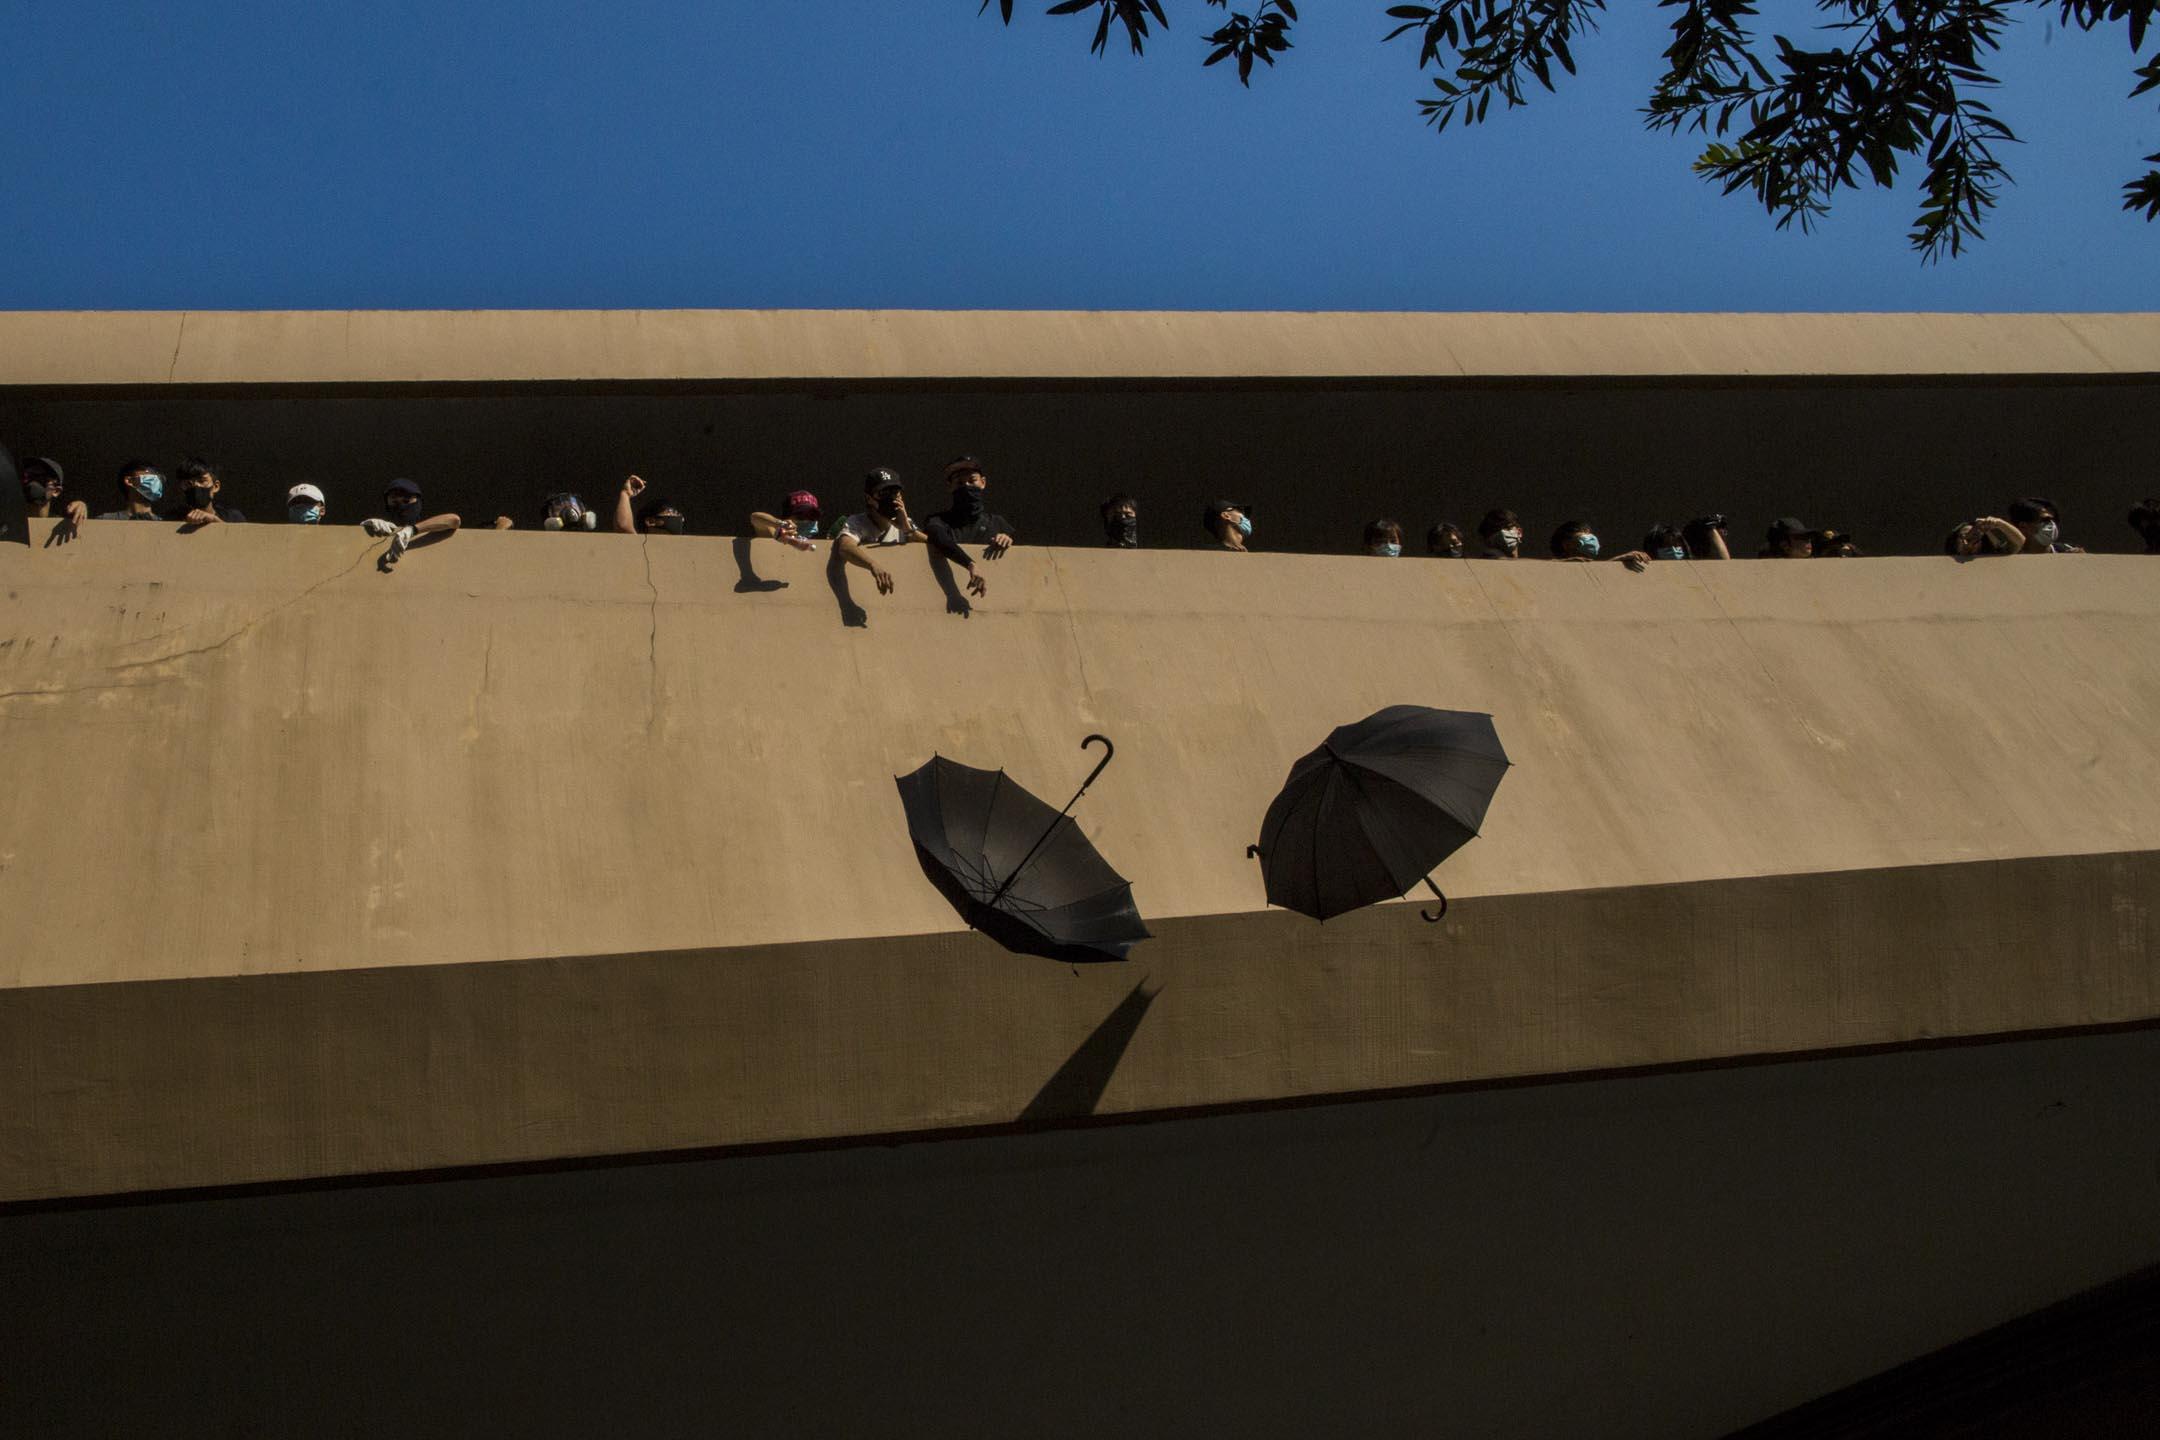 2019年9月21日,參加光復屯門公園遊行的示威者從高處扔下傘。